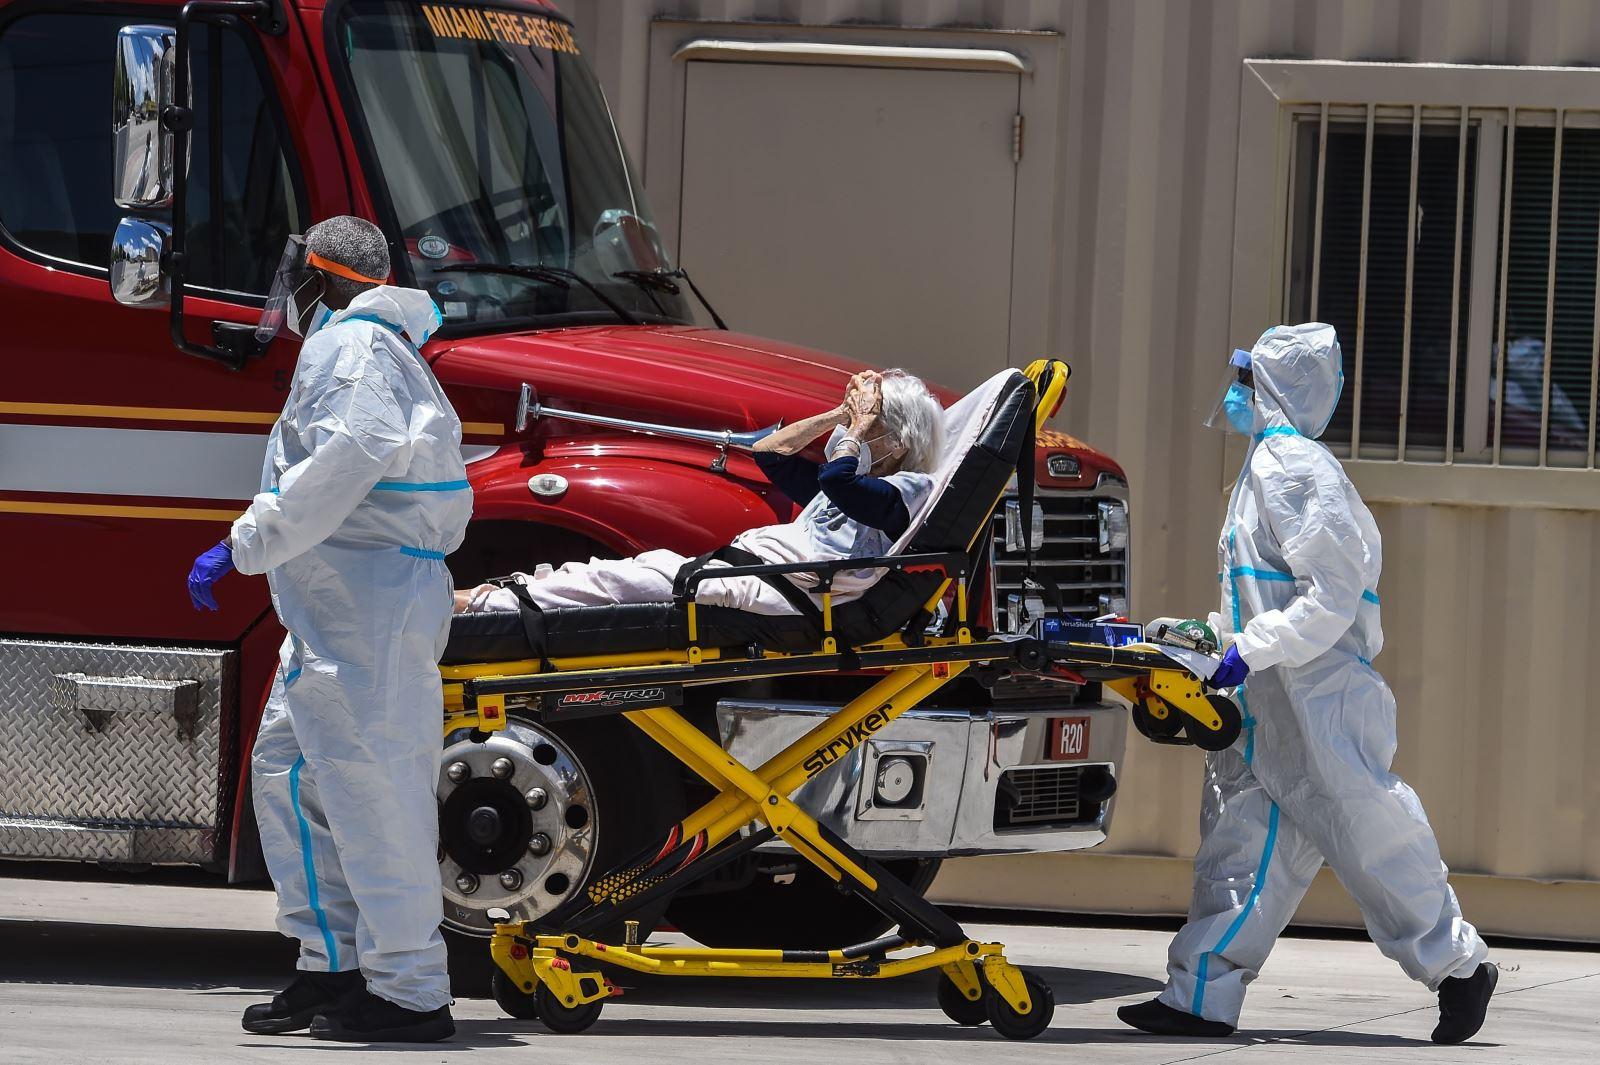 Nhân viên y tế chuyển bệnh nhân COVID-19 ở gần Miami, Mỹ ngày 30-7-2020. Ảnh: AFP/TTXVN